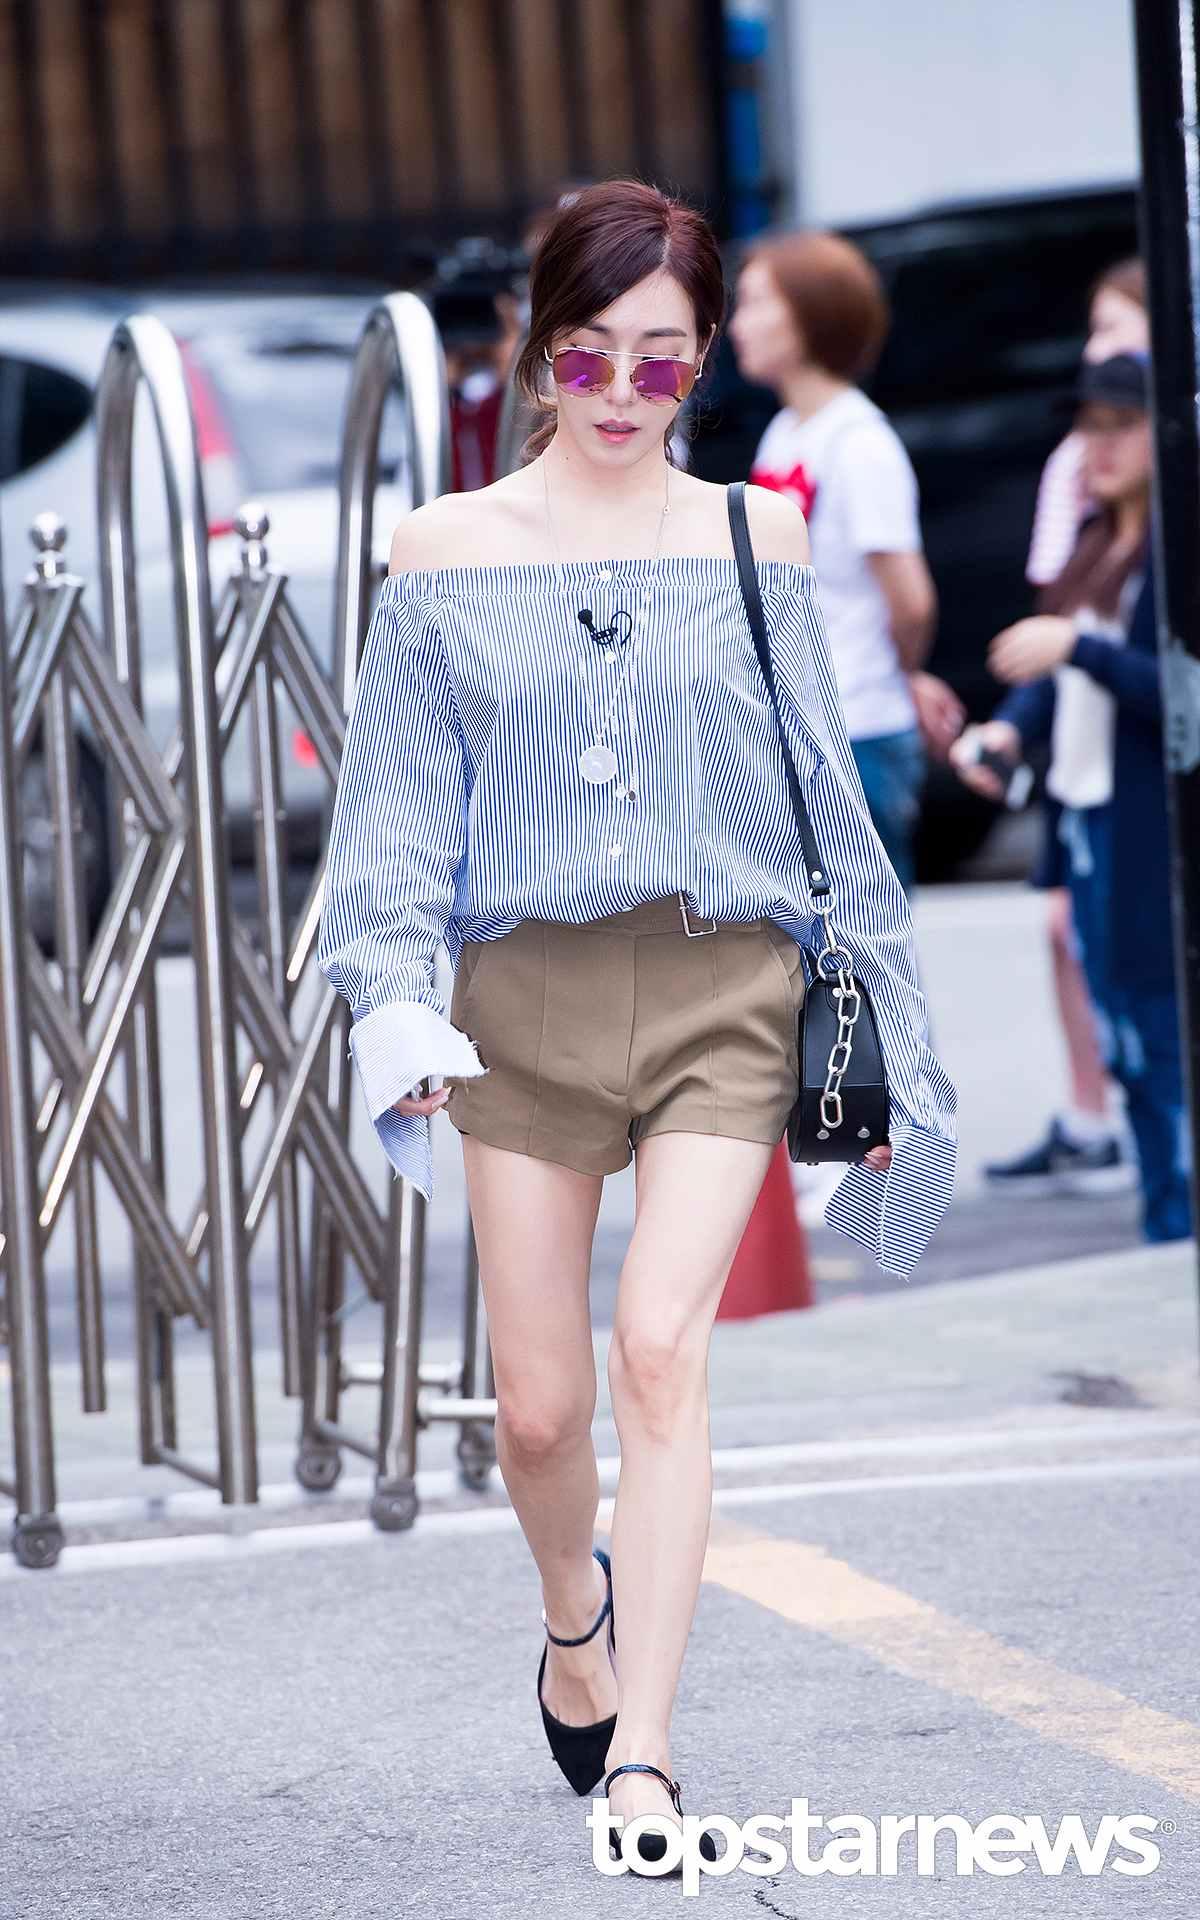 擁有直角肩膀的帕尼真的很喜歡露肩裝,除了露肩裝,今年夏天尖頭的瑪麗珍鞋也很瘦韓妞歡迎。